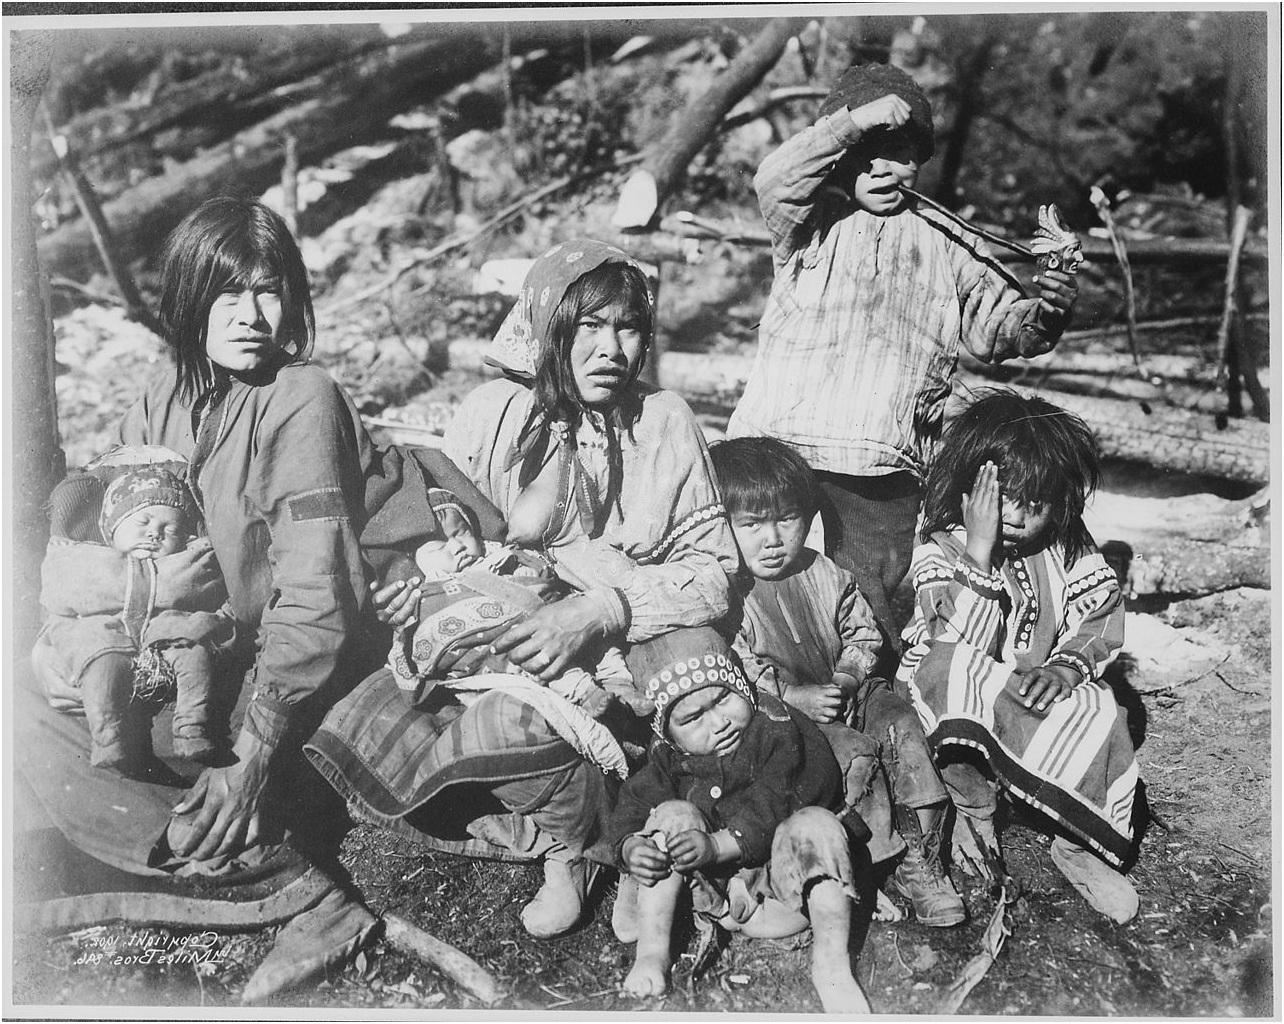 Yazarımız Özgür Keşaplı Didrickson, Tlingit Yerlilerinin Yaşadıklarına Dair Yazısıyla Sol'da